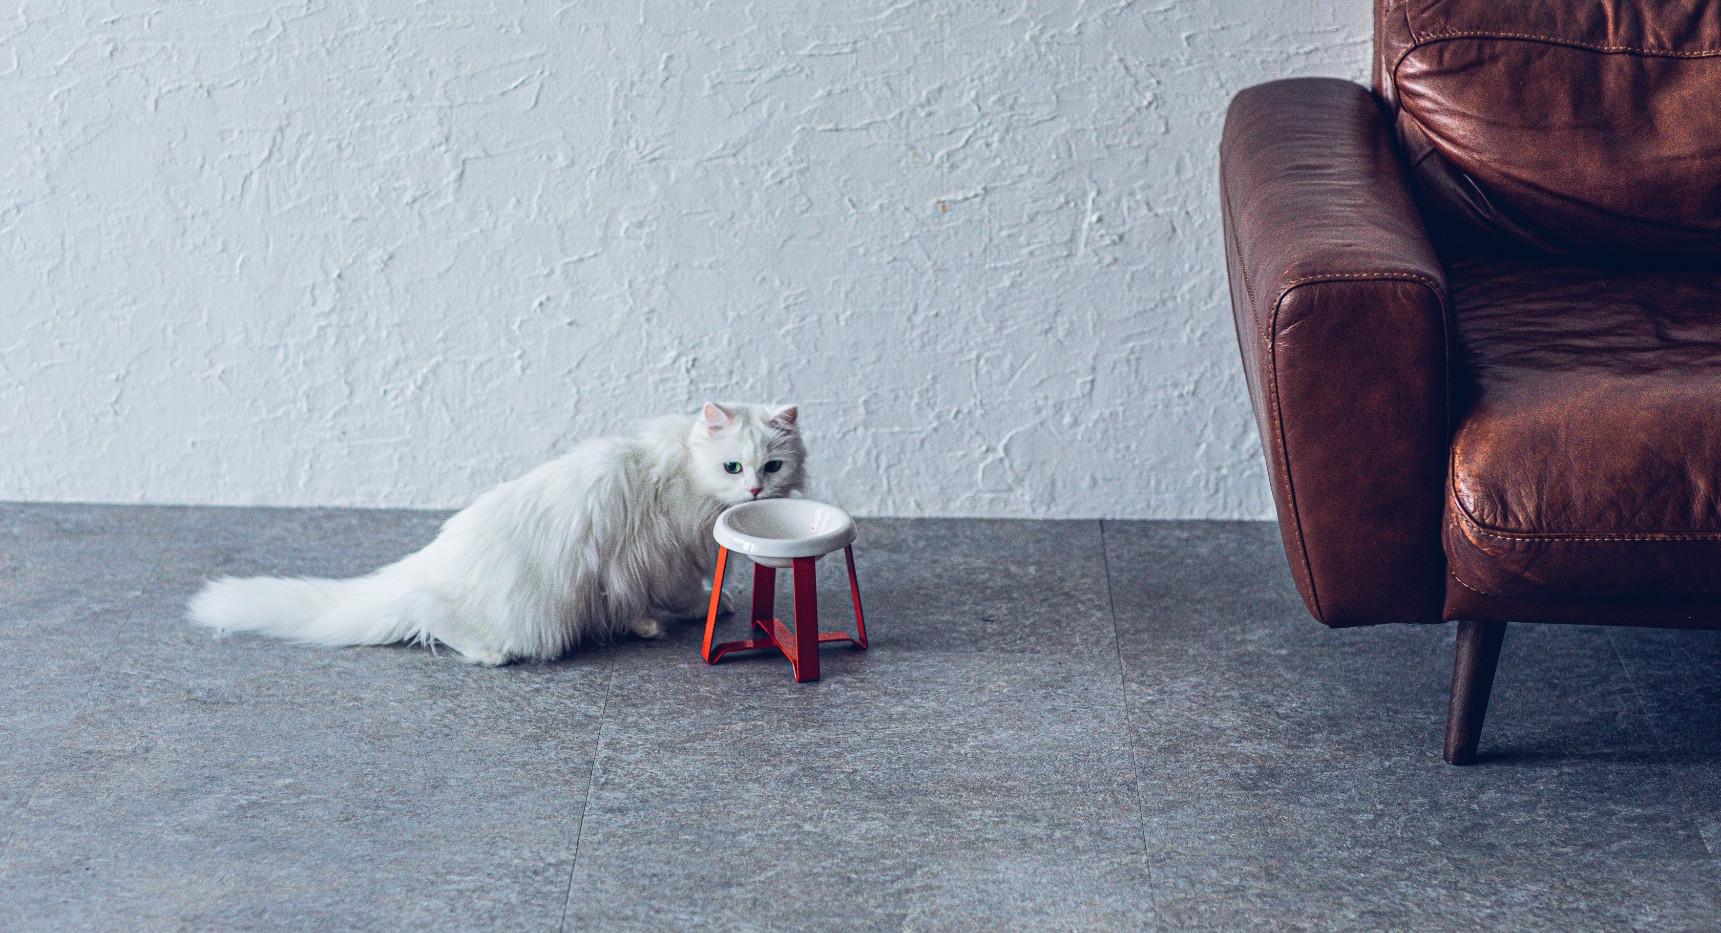 サイズ(S tall):W 132 x D 132 x H 137 (mm)  素材:ボウル(ステンレスまたは陶器) スタンド(ステンレス) 塗装:パウダーコーティング 重量:約560g ※組合せする器の種類により増減あり